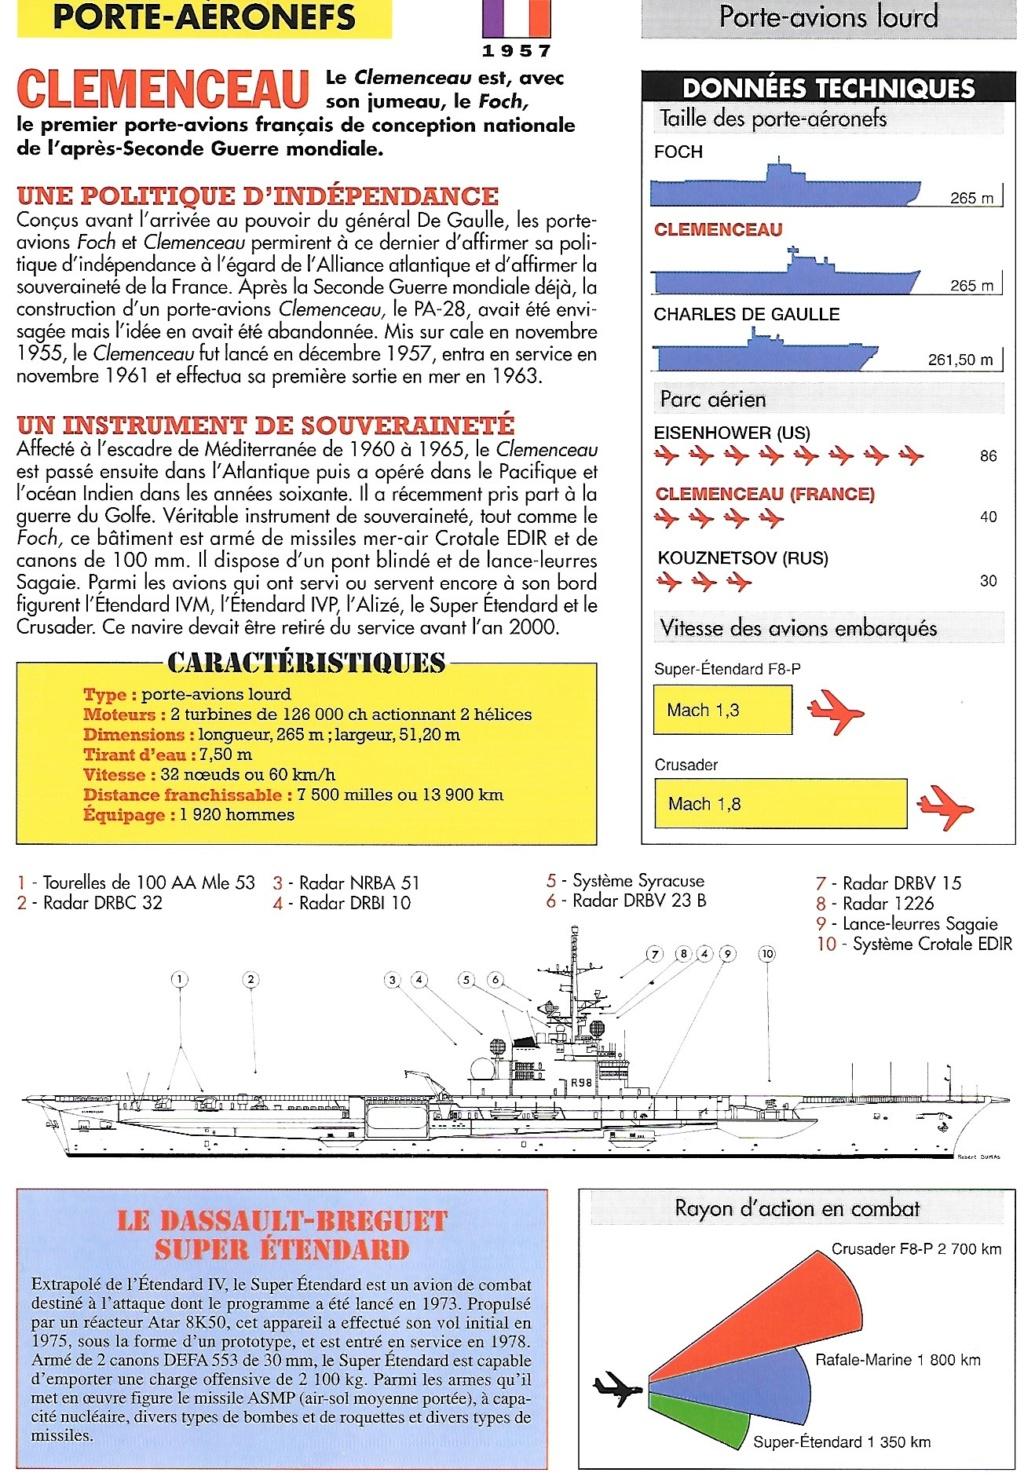 Porte avions Clémenceau!!!!! - Page 3 Clem210